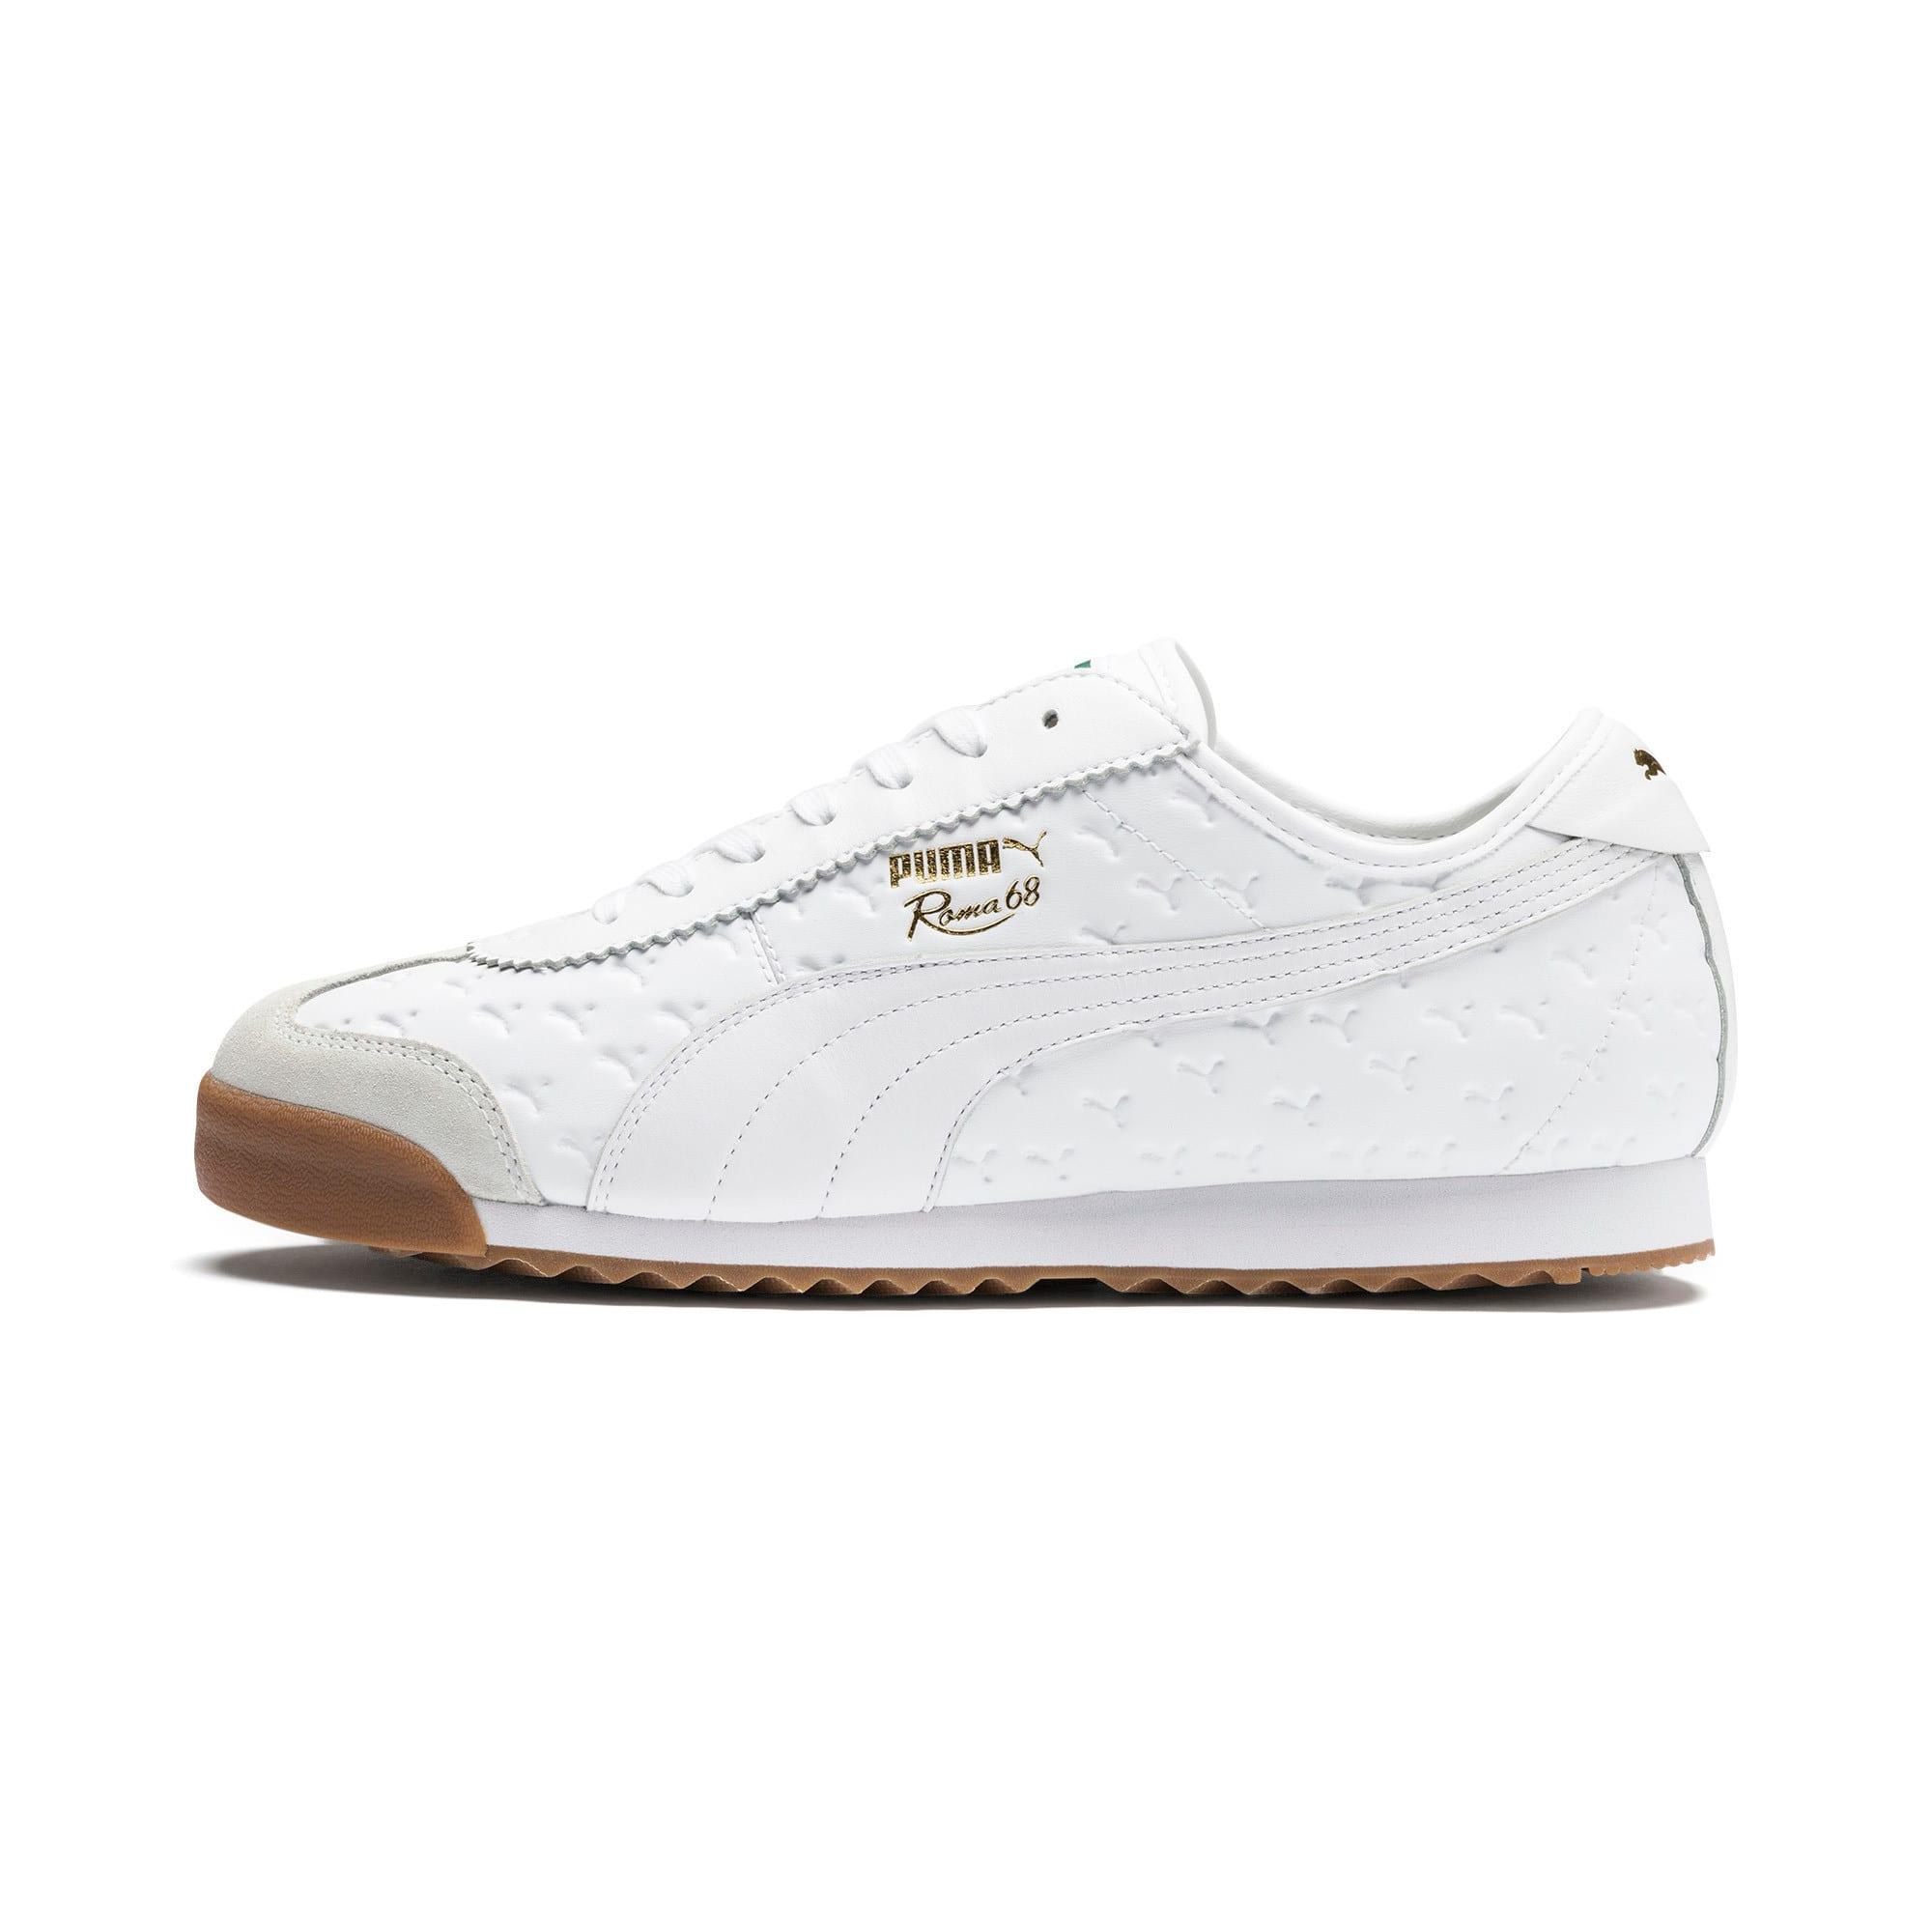 Miniatura 1 de Zapatos deportivos Roma '68 Gum, Puma White-Puma White, mediano